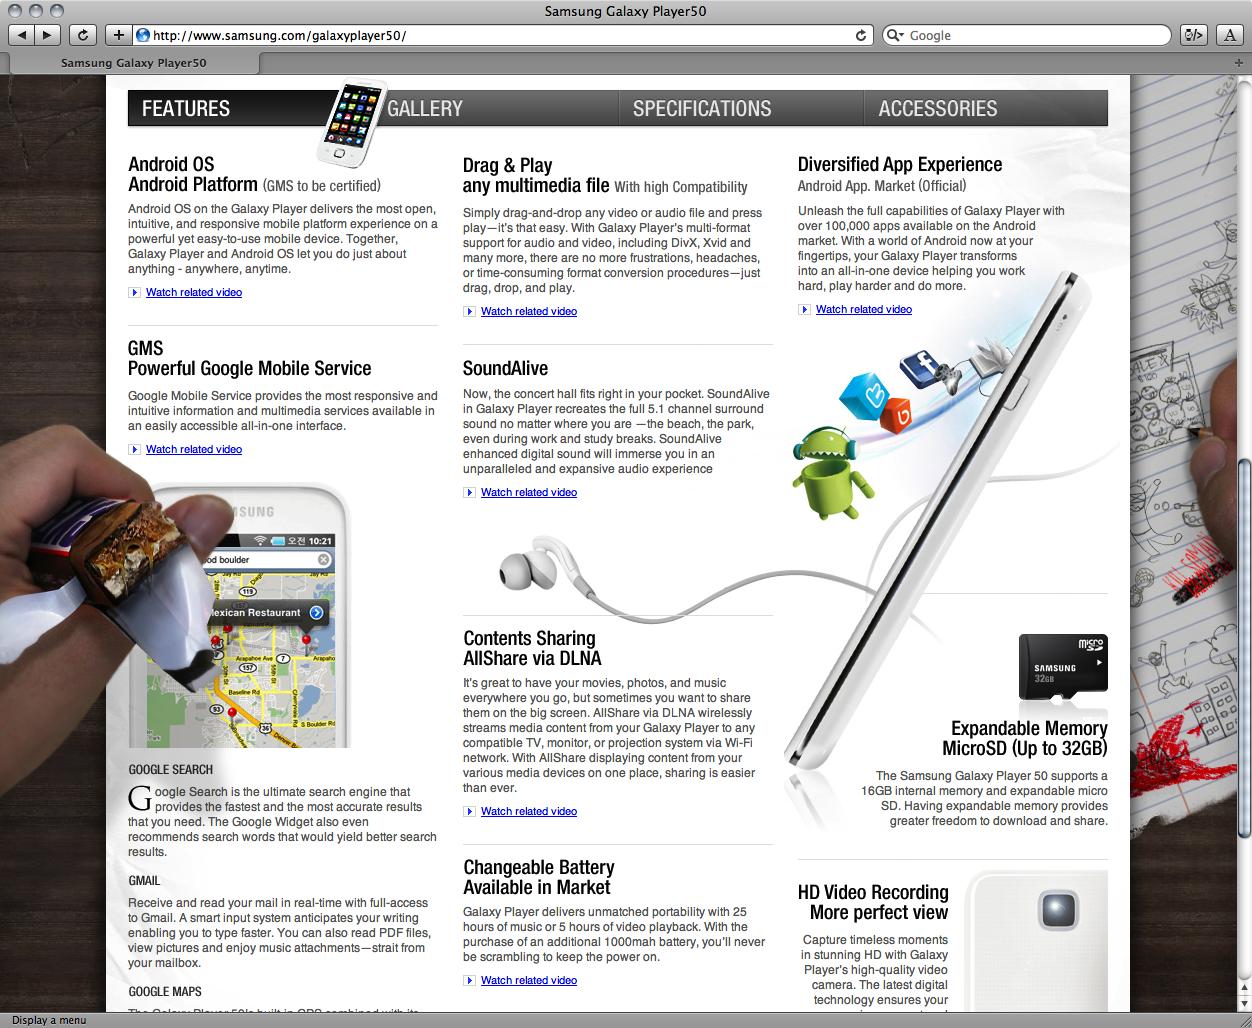 Daring Fireball Linked List: October 2011